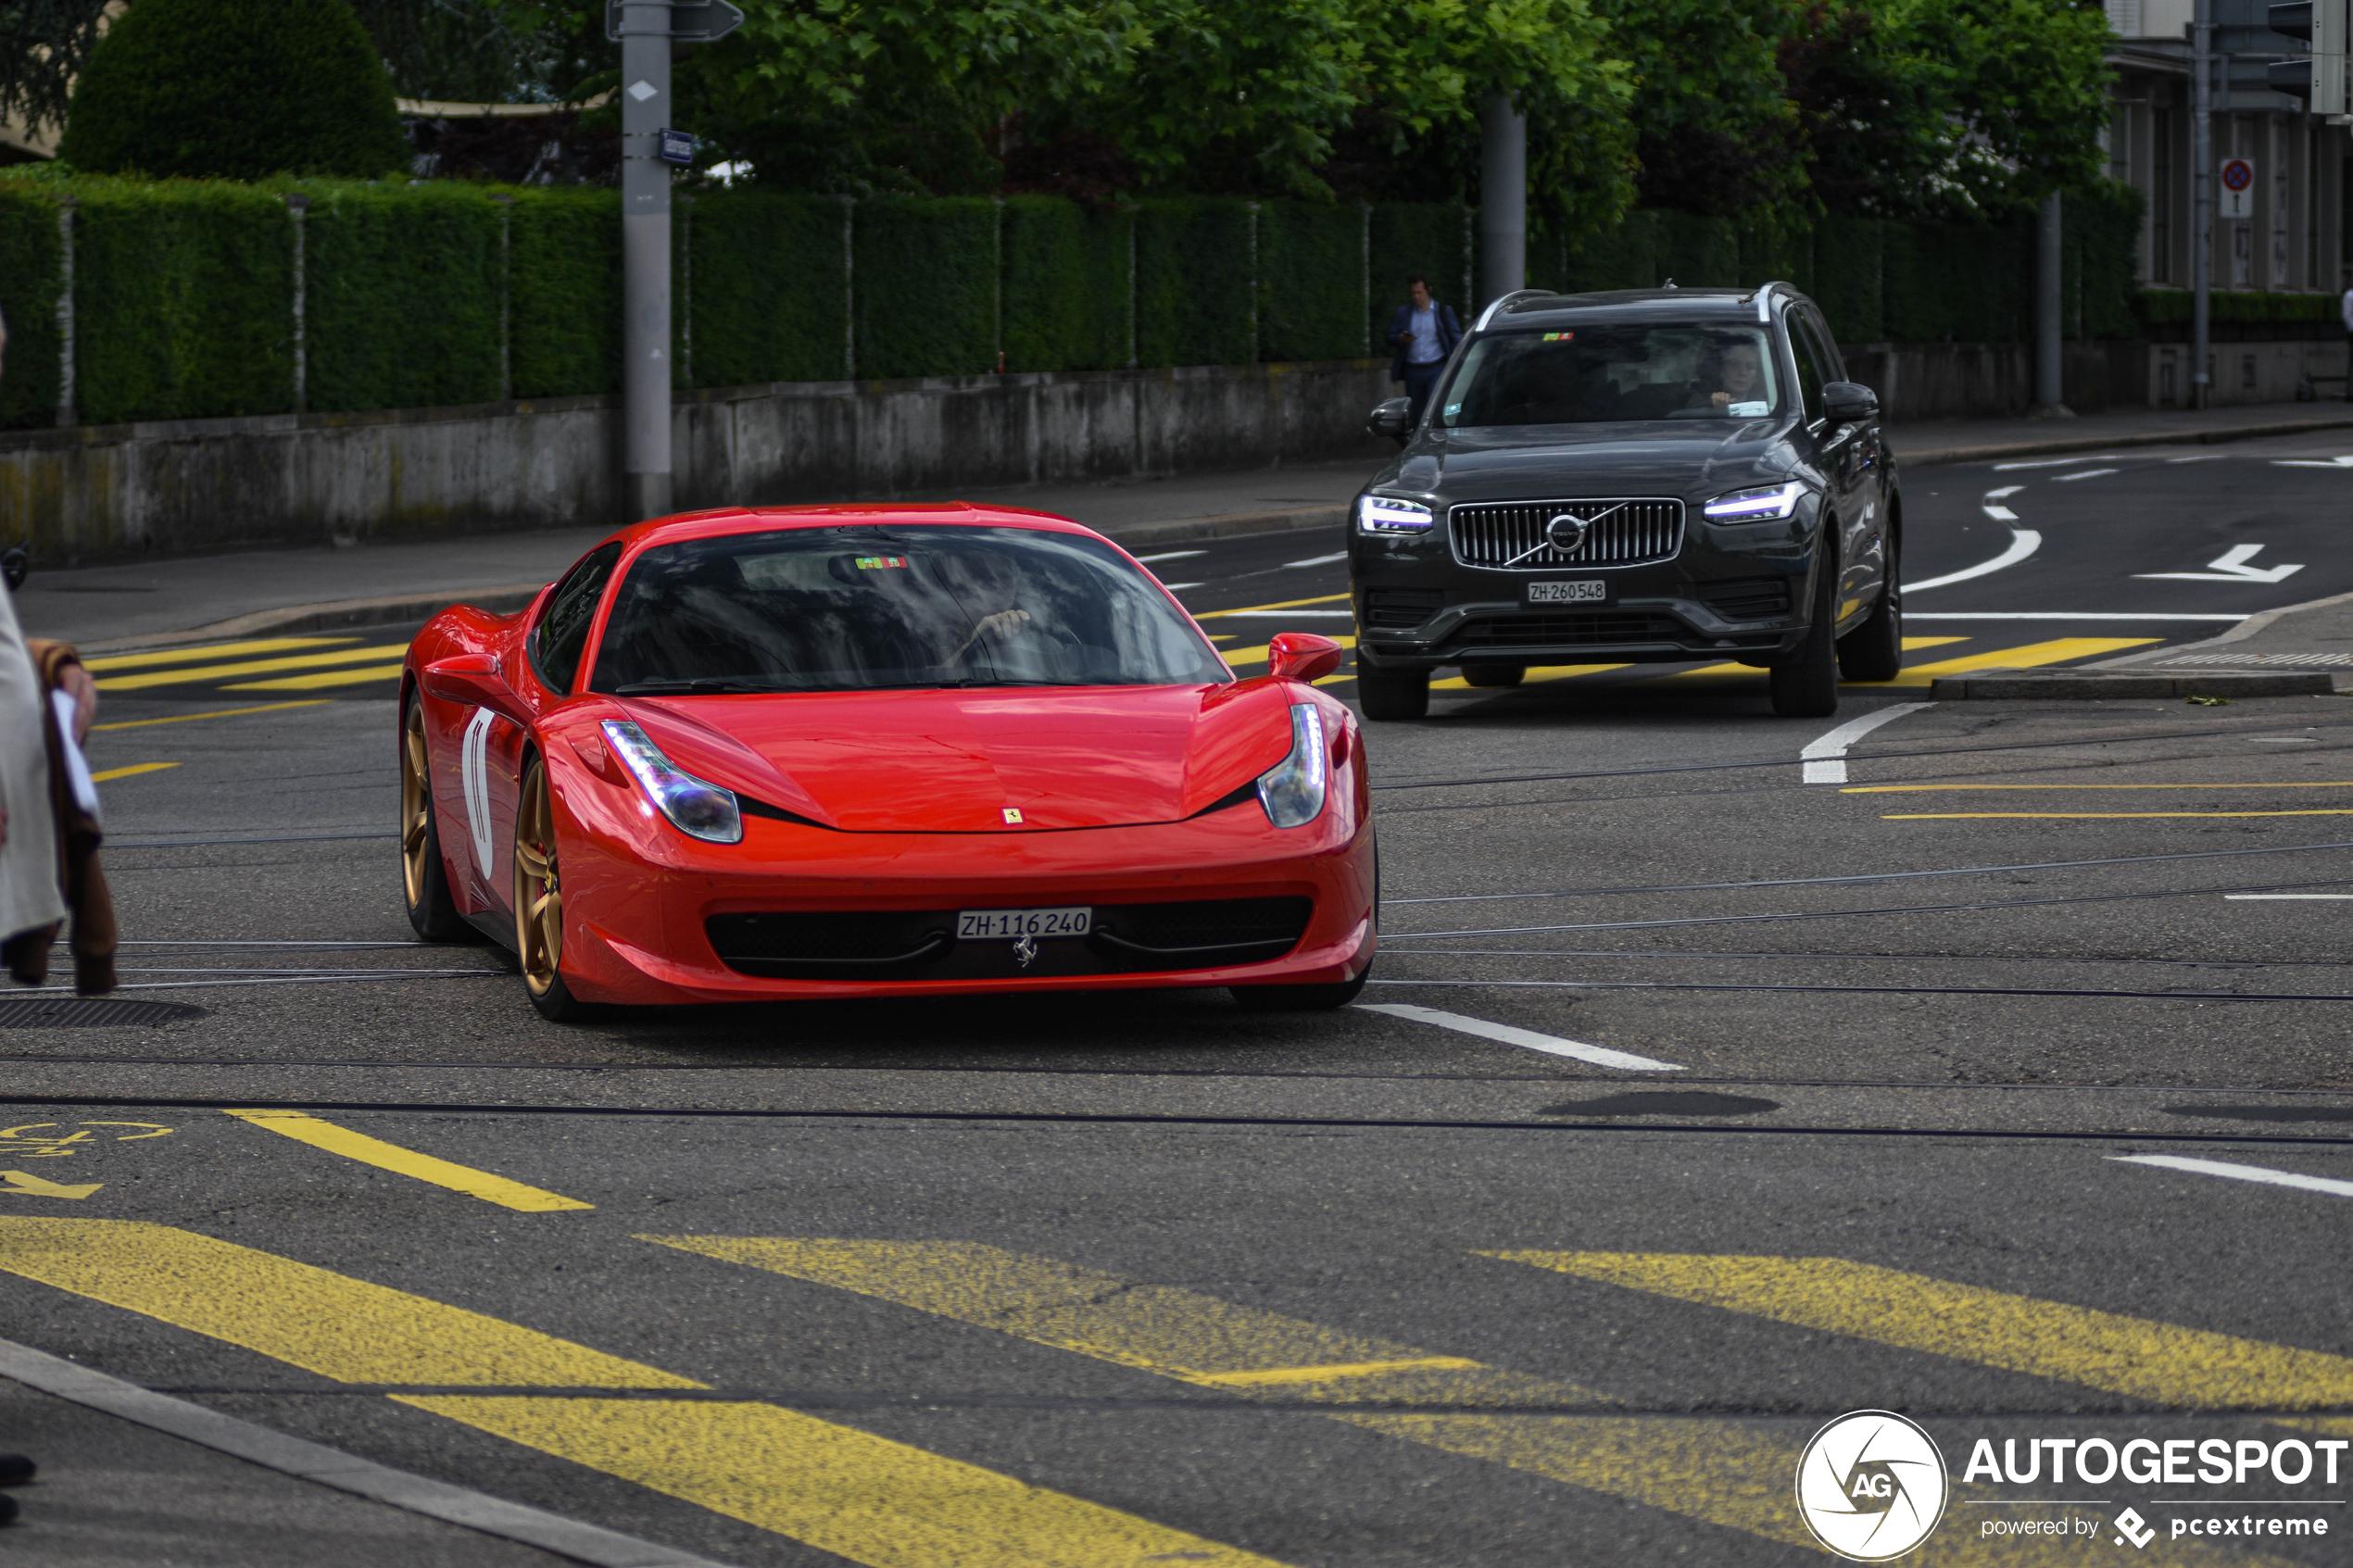 Deze Ferrari heeft een identiteitscrisis